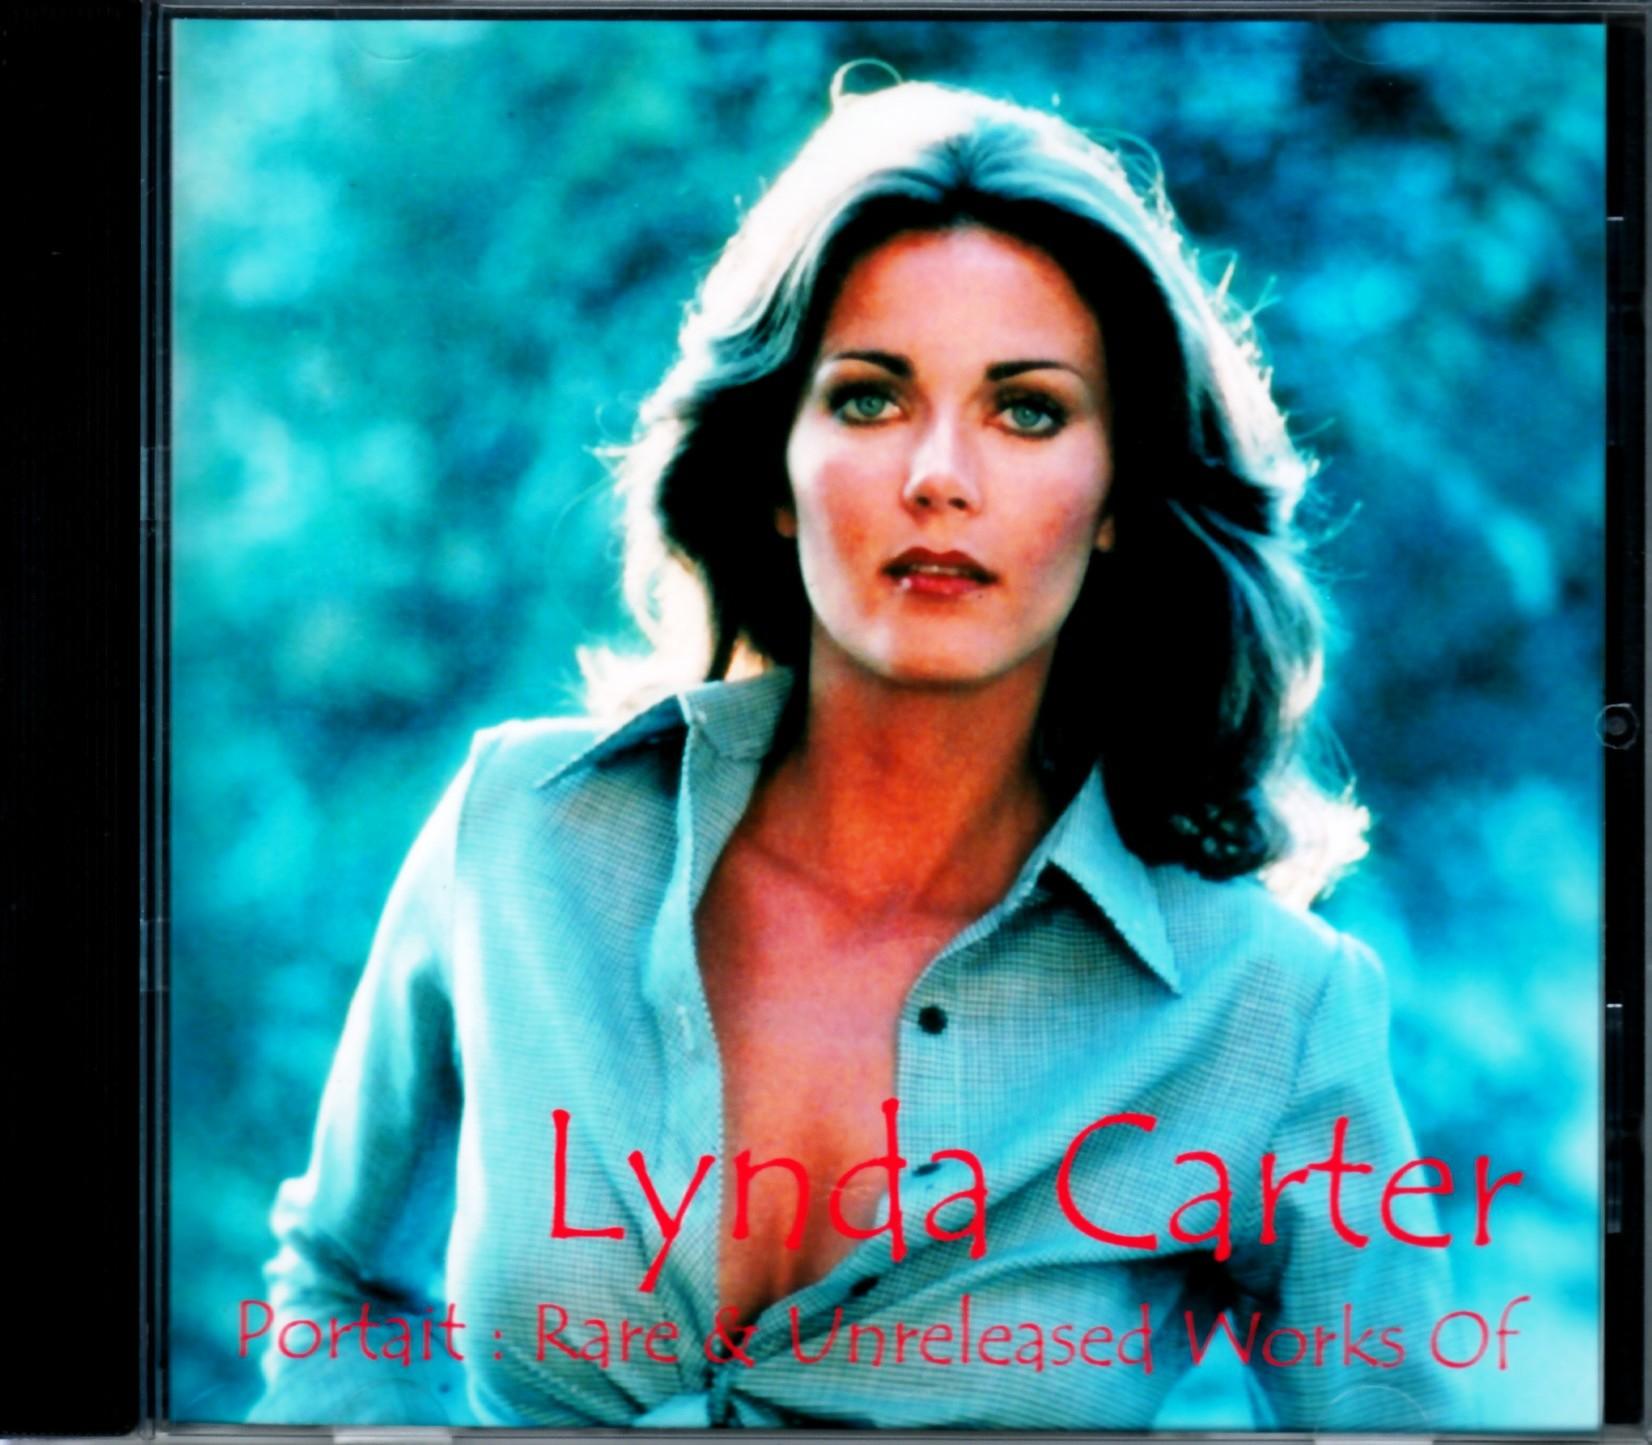 リンダ・カーターの画像 p1_17